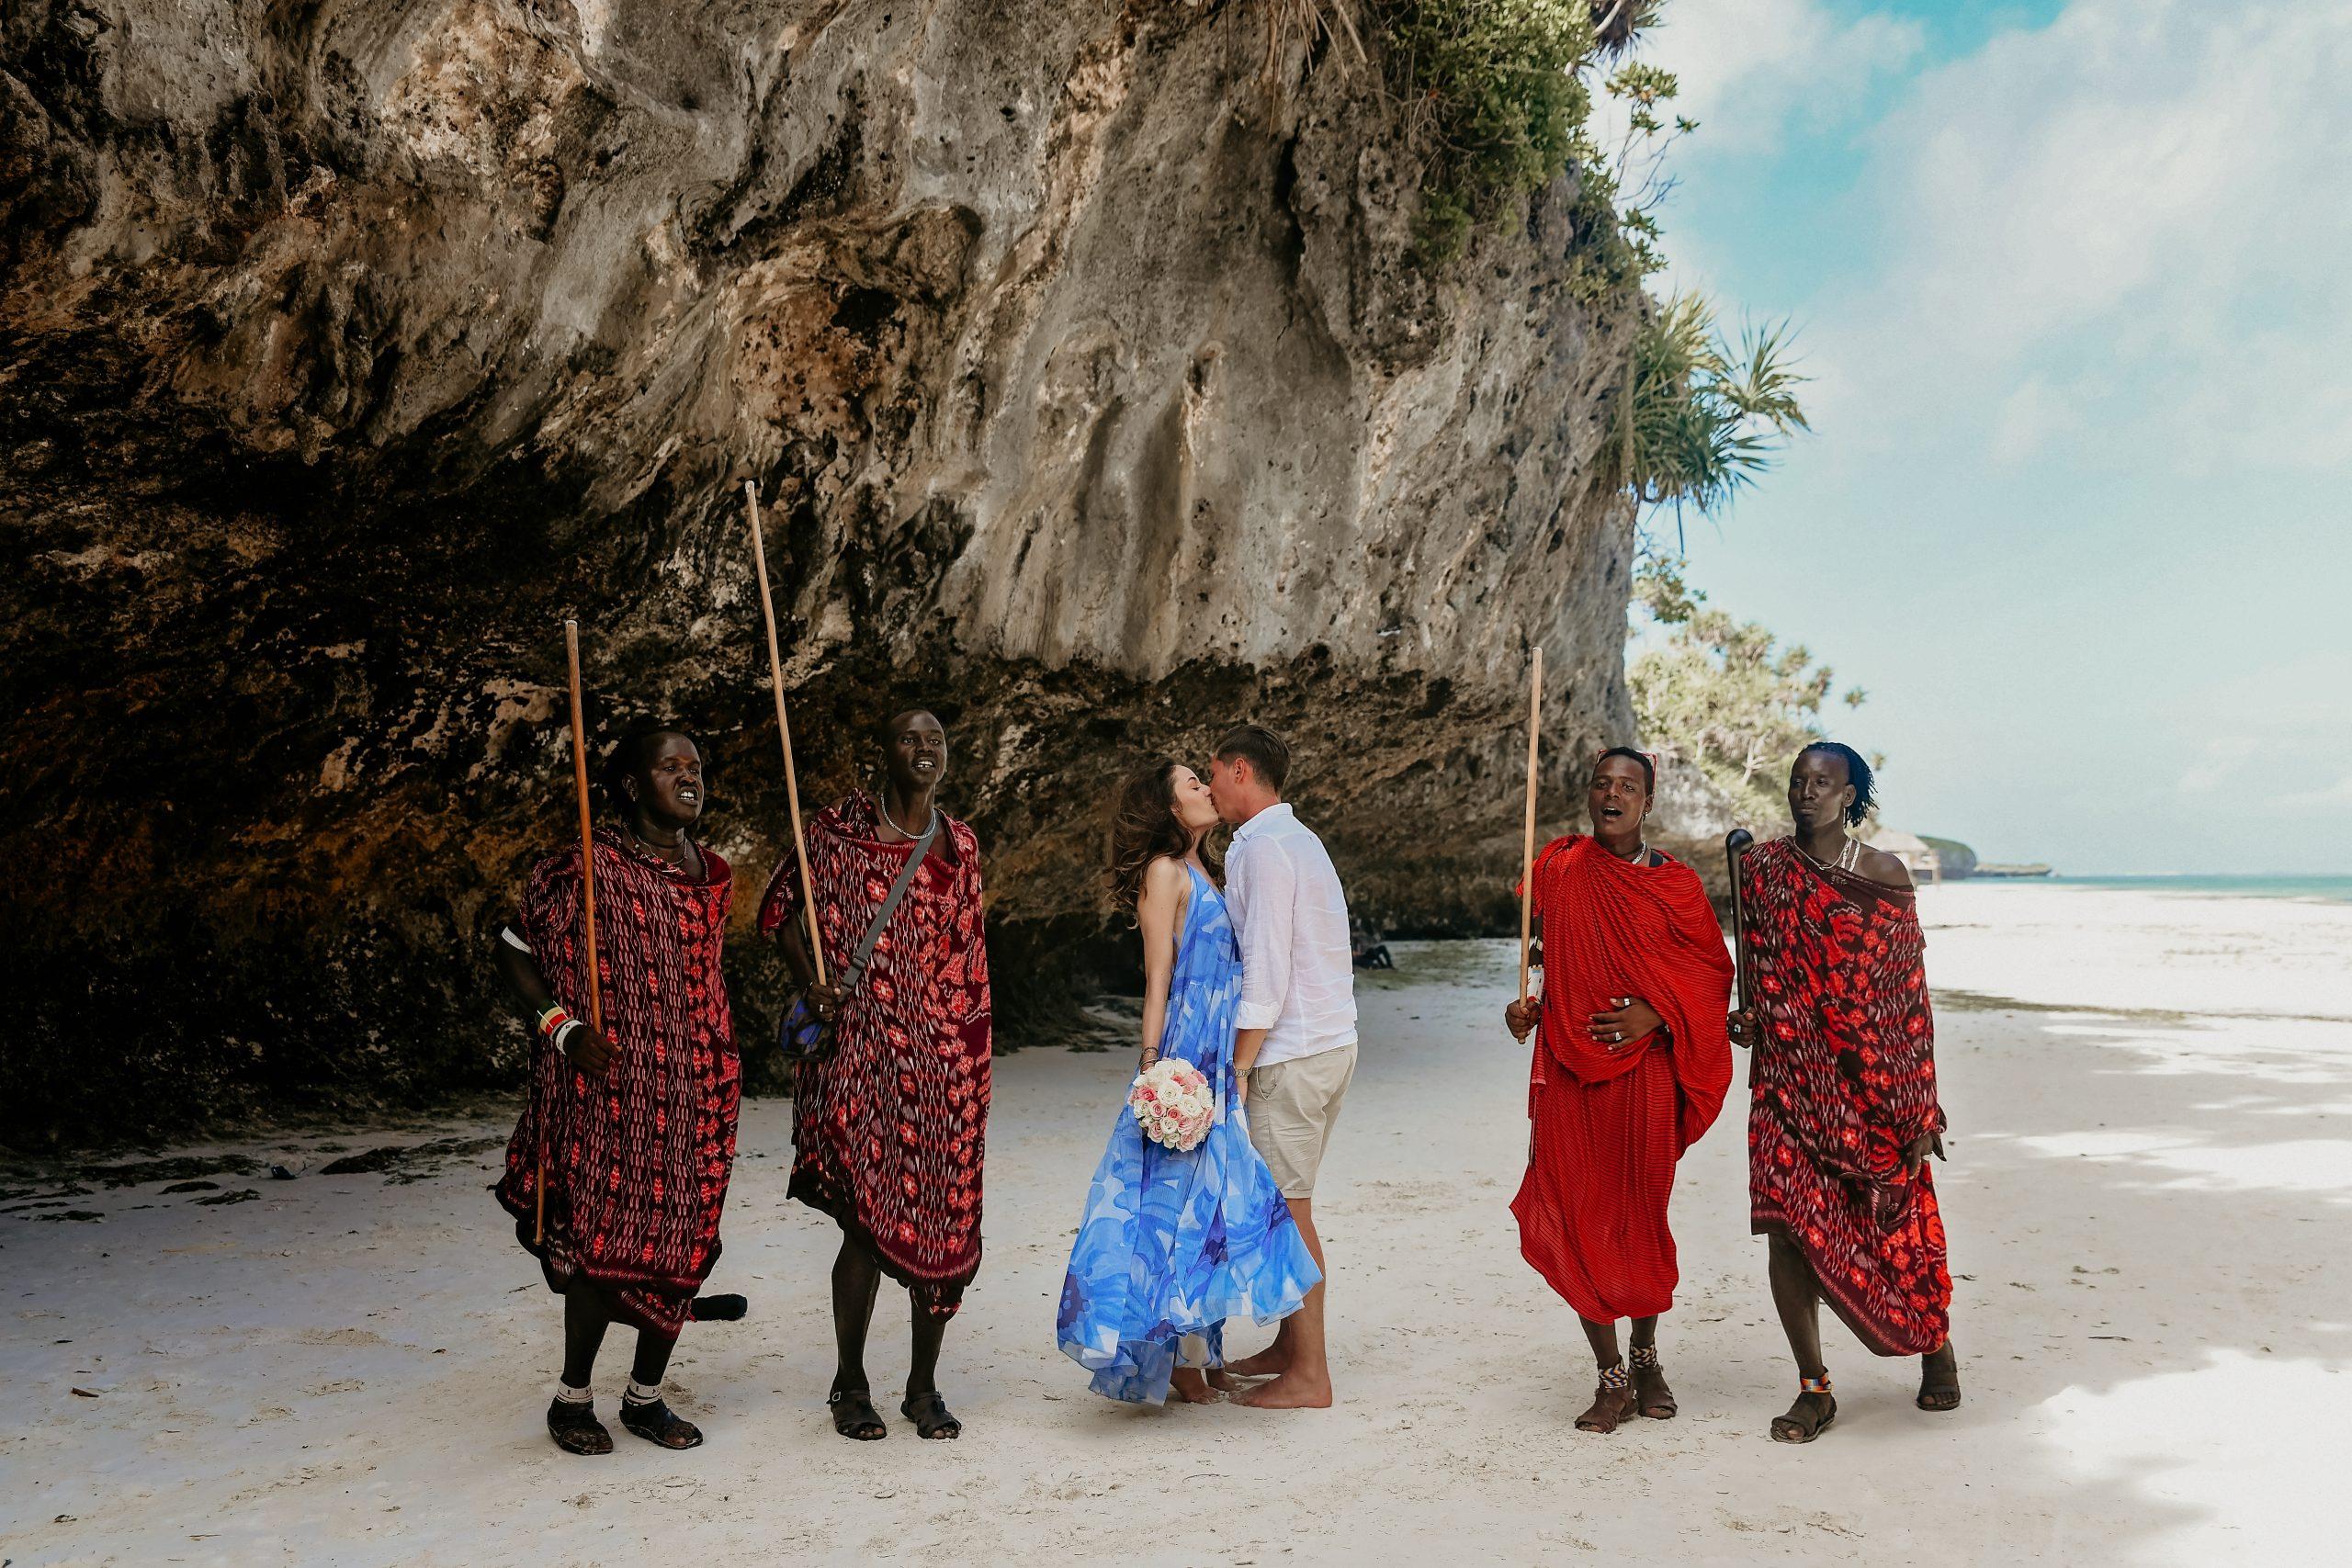 Fotografie de nunta in Zanzibar cu Masai, Ședință foto pe plajă in Zanzibar